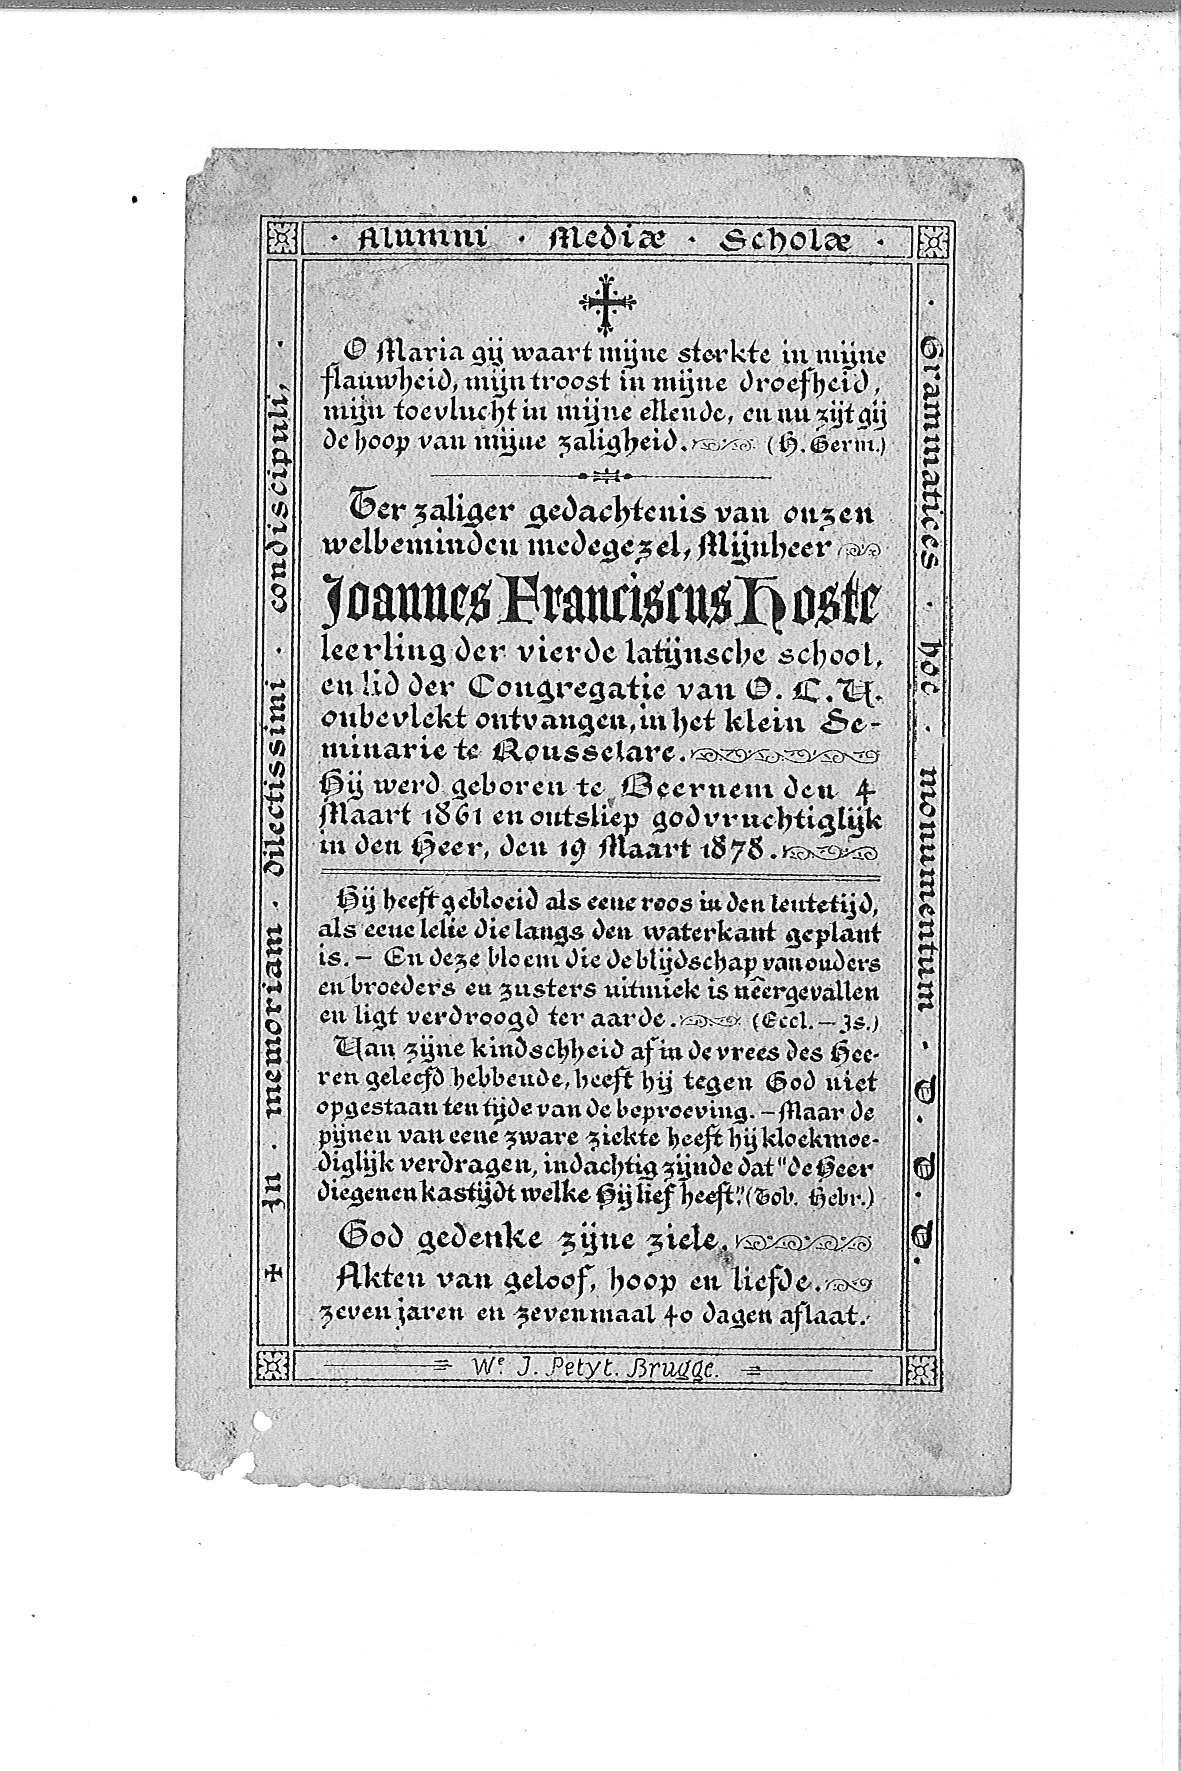 Joannes-Franciscus(1878)20120530122914_00117.jpg